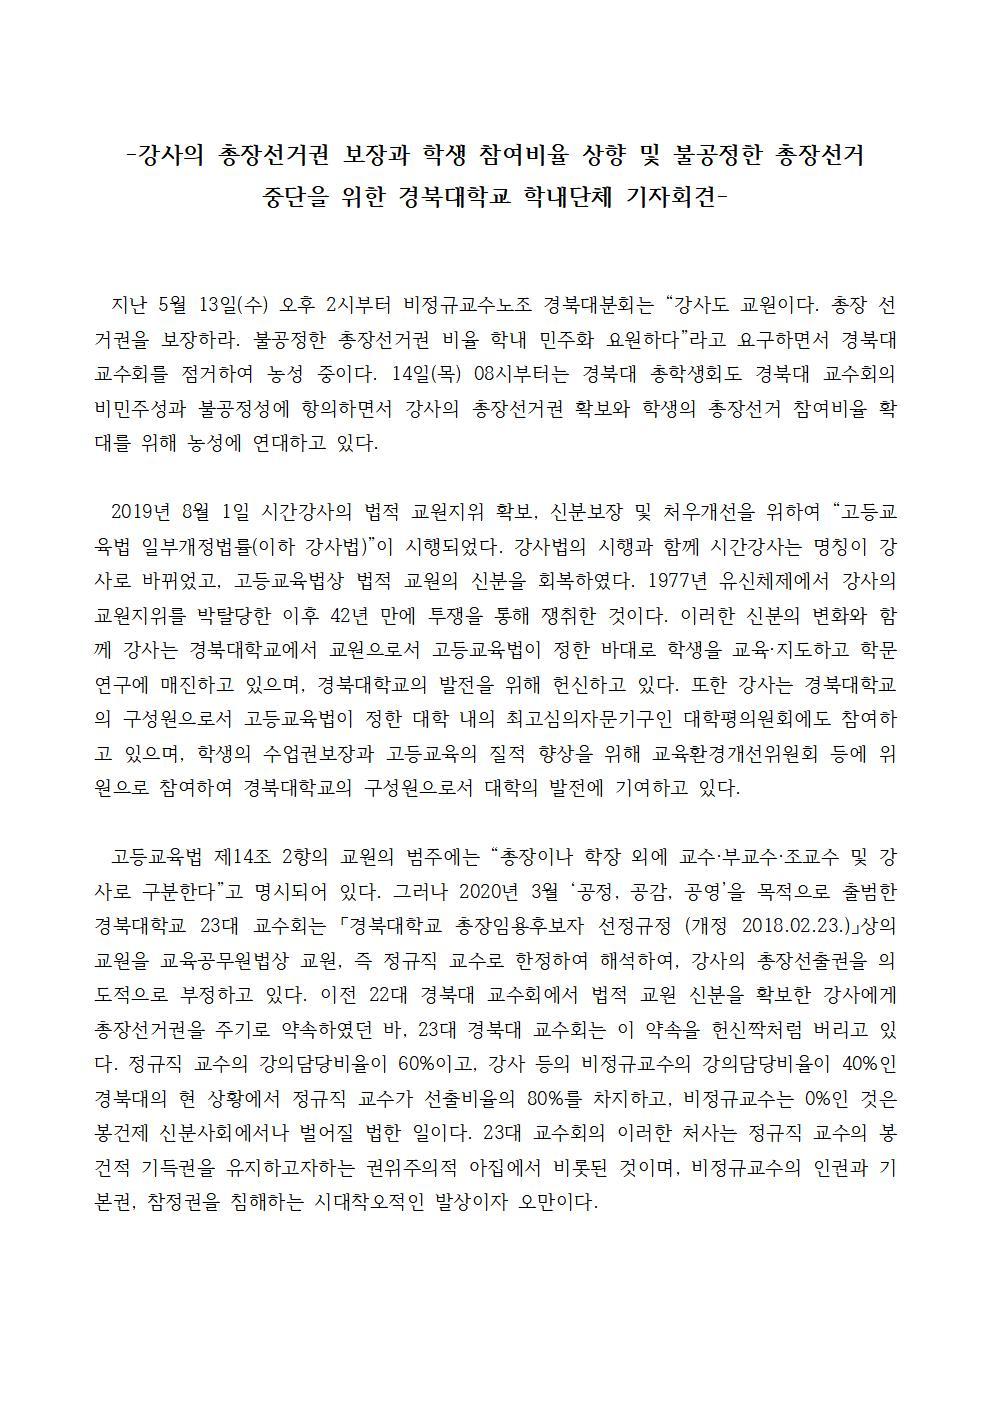 (기자회견문)강사의 총장선거권 보장과 학생 참여비율 상향 및 불공정한 총장선거 중단 촉구1.jpg